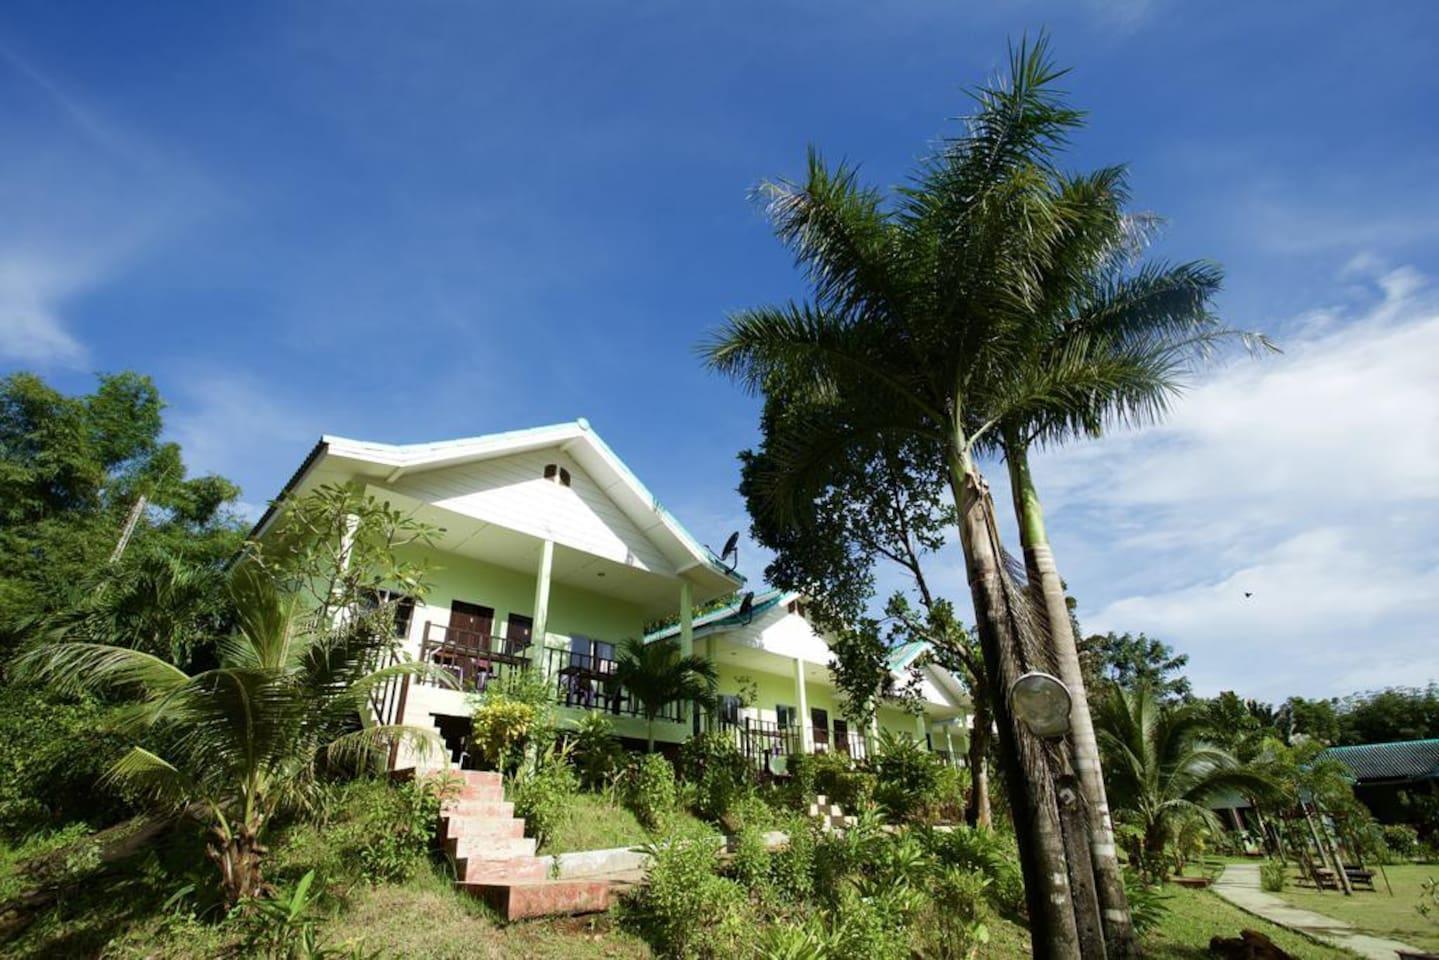 Beautiful Bungalow On Koh Mak Island 2 Mins Beach